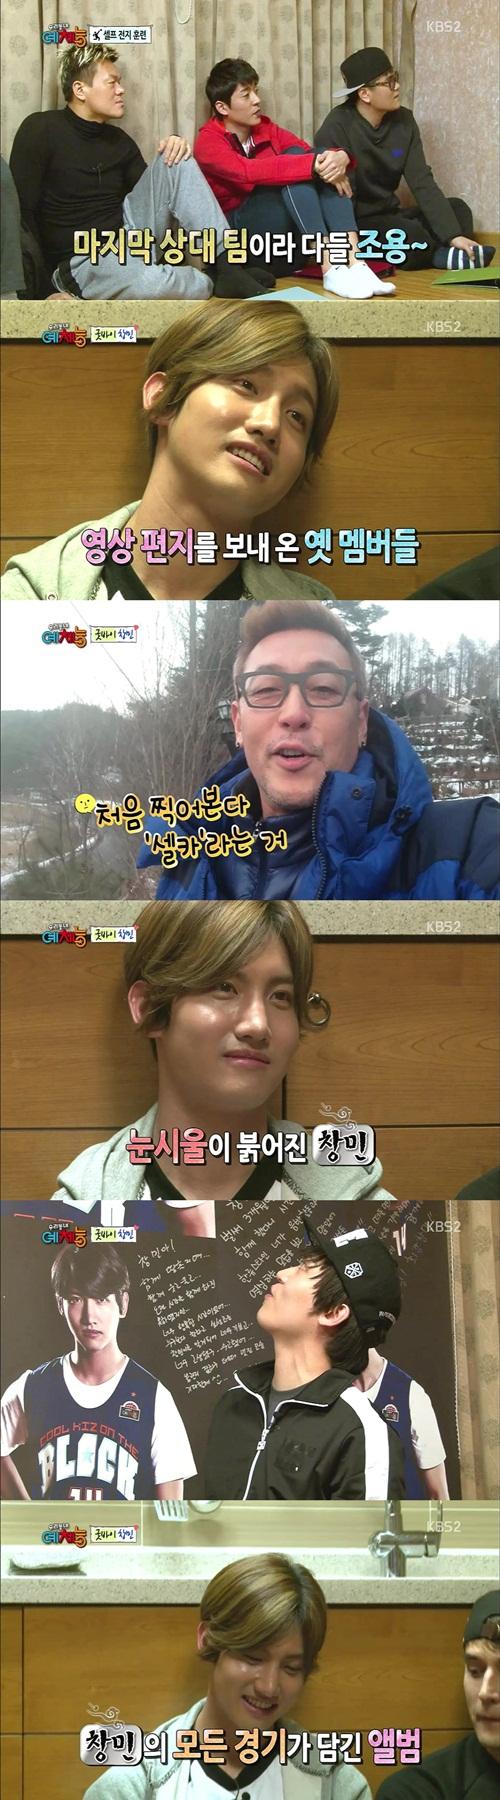 ▲'우리동네 예체능' 최강창민 눈물.(출처: KBS2 '우리동네 예체능' 캡처)